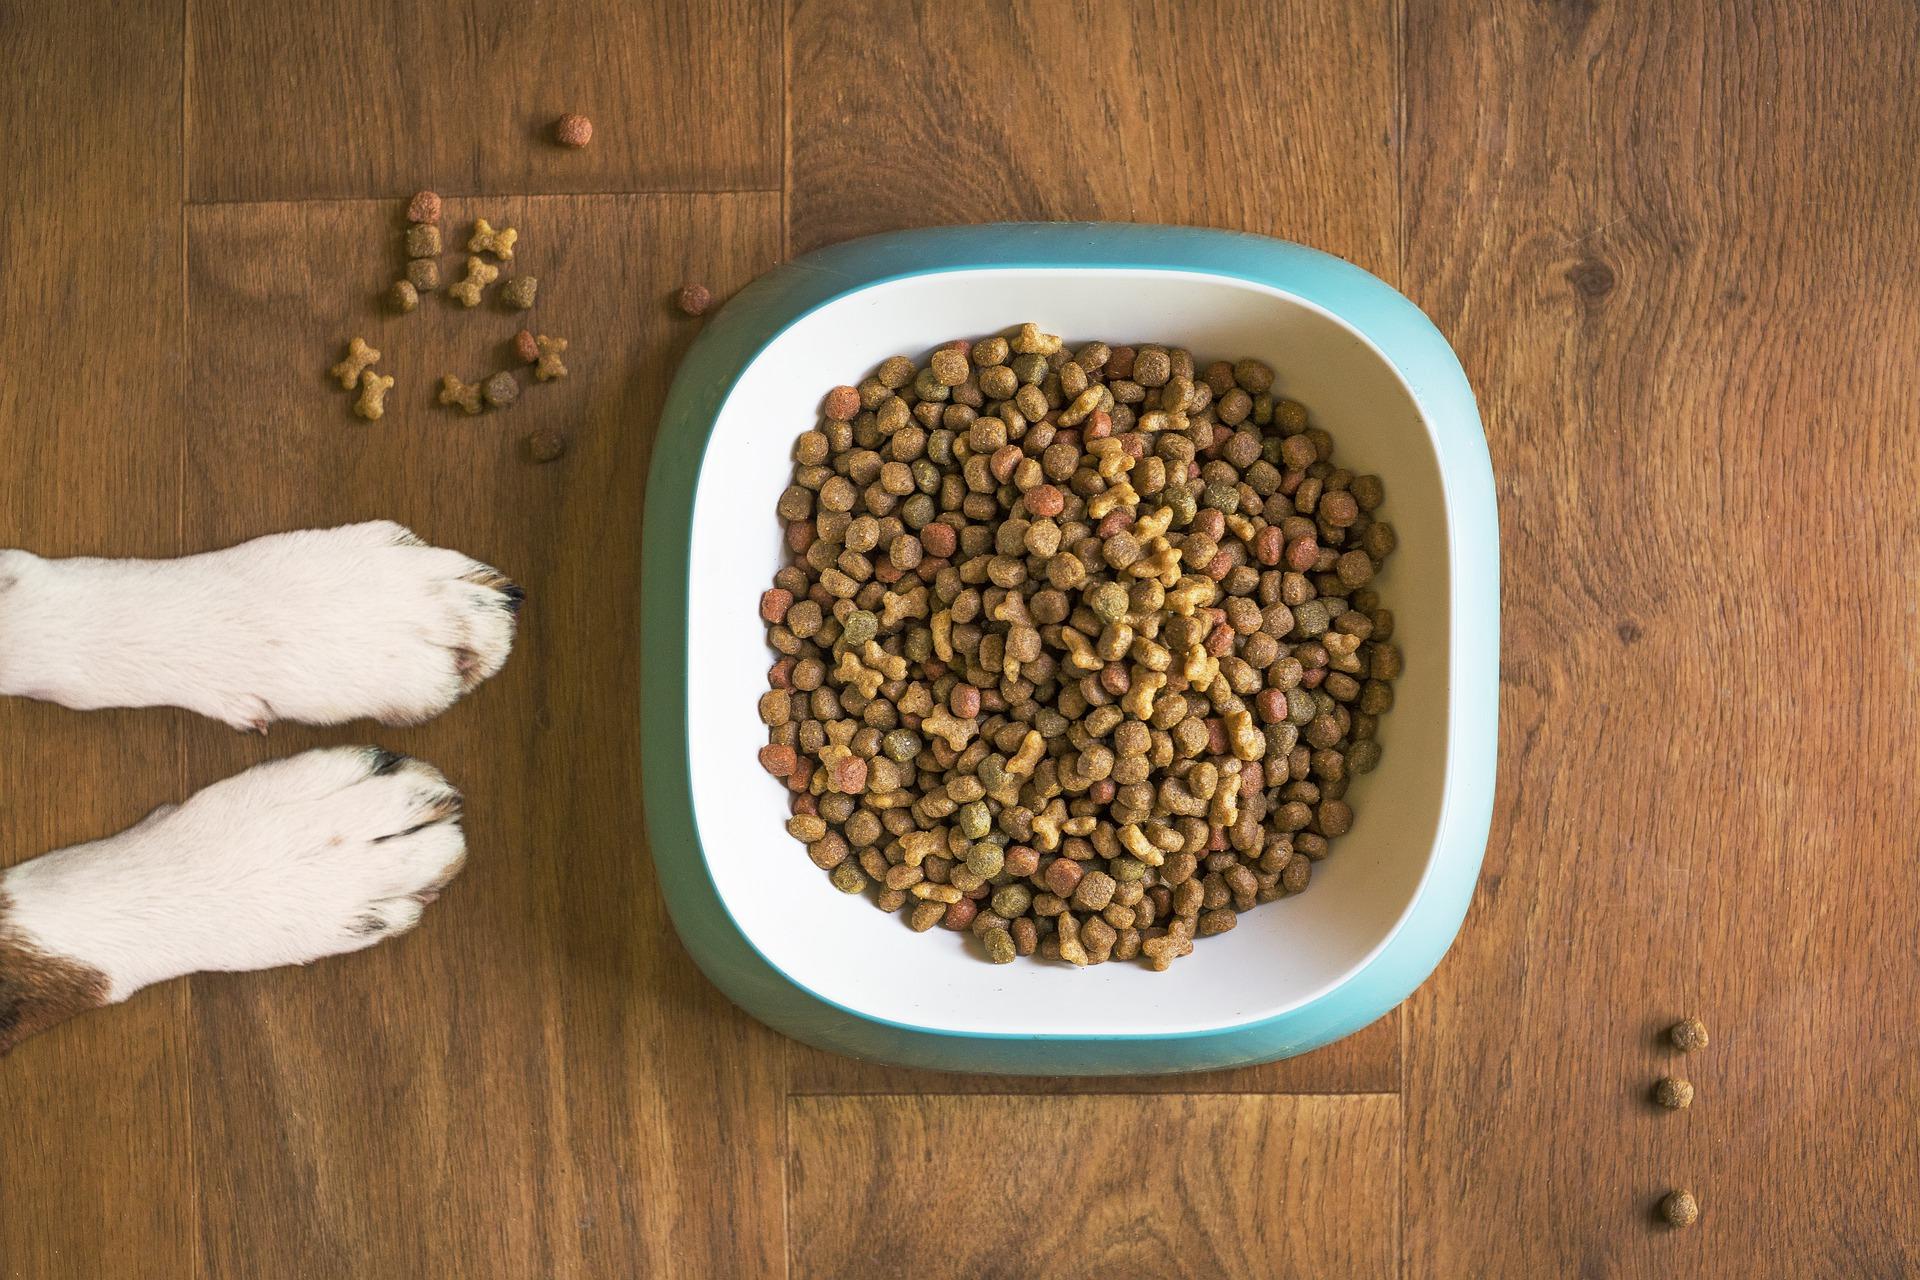 Wie viel Hundefutter sollte mein Hund bekommen?